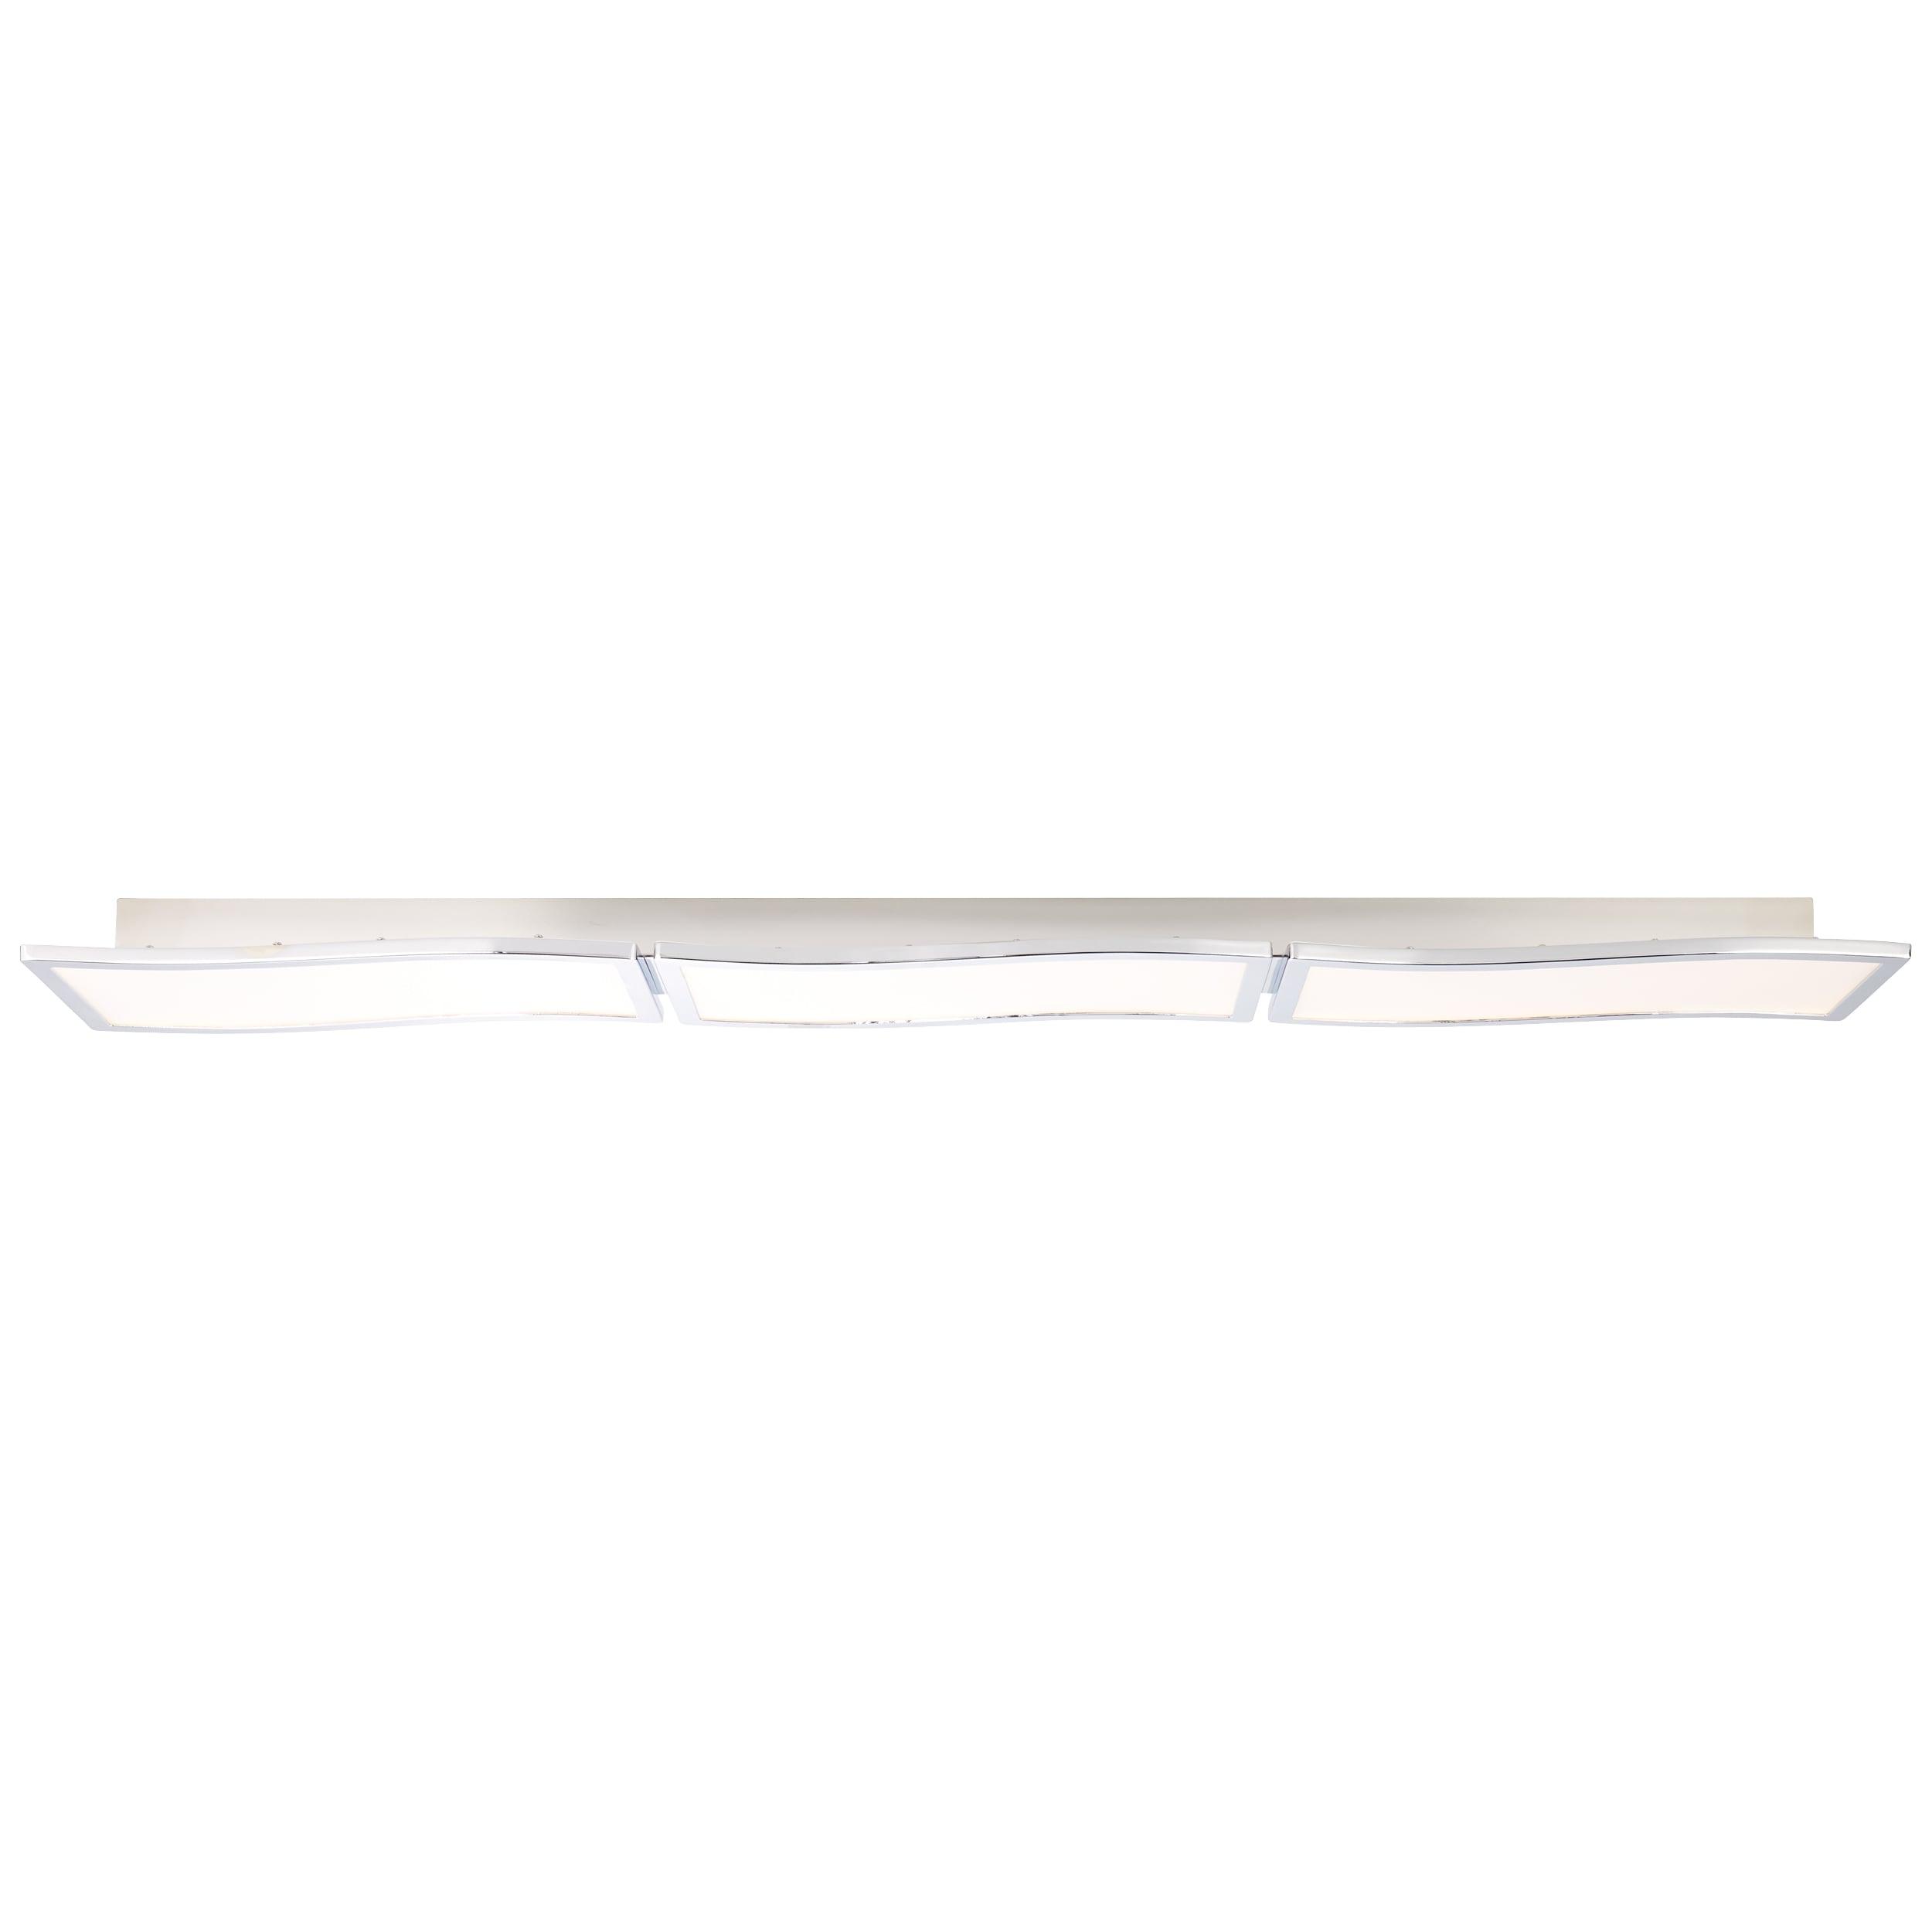 Brilliant Leuchten Scope LED Deckenaufbau-Paneel 122x18cm chrom/weiÃY easyDim